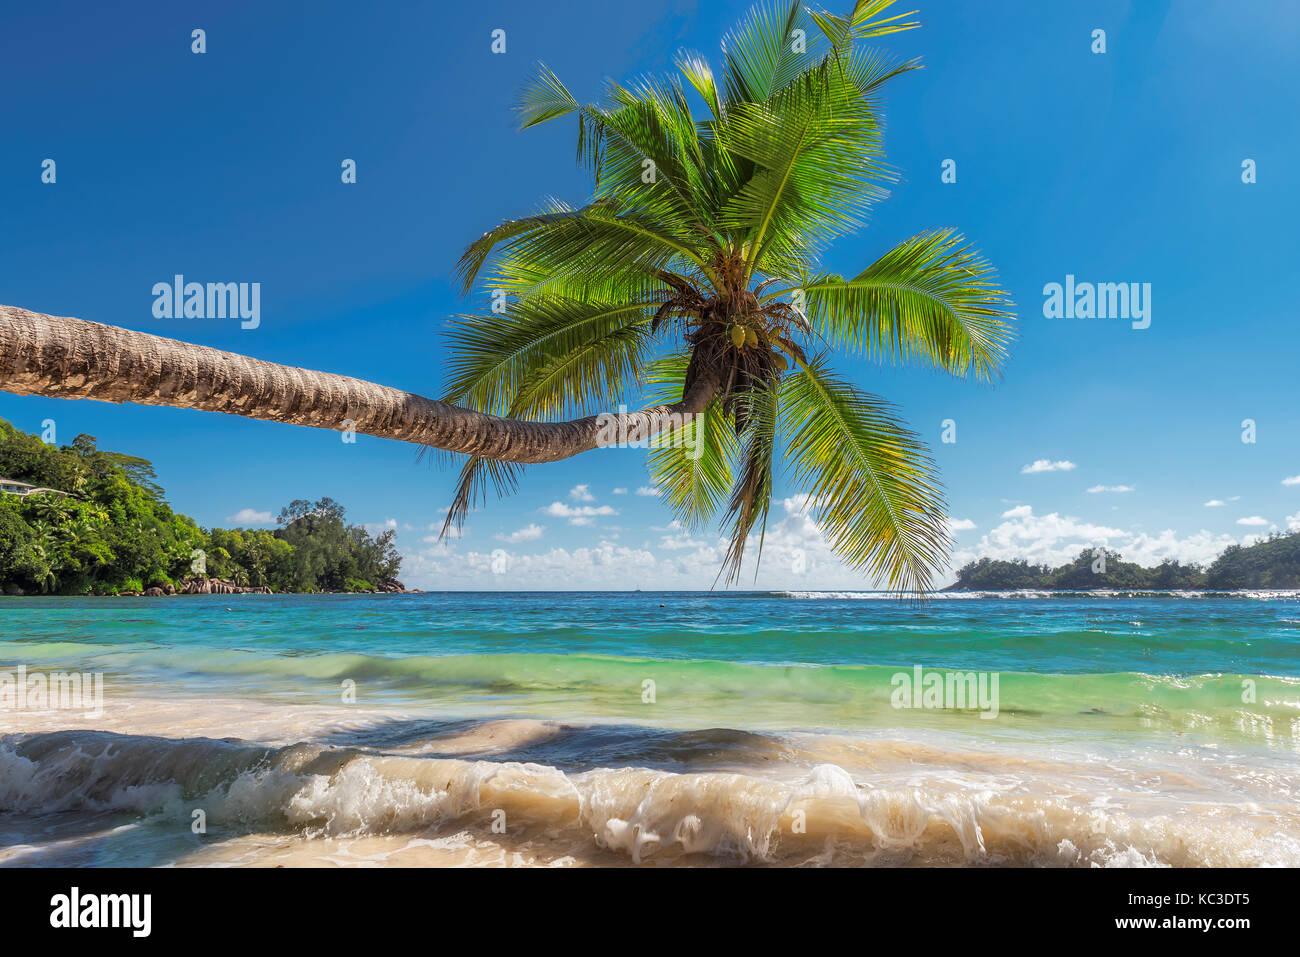 La palmera en playa hermosa. Foto de stock